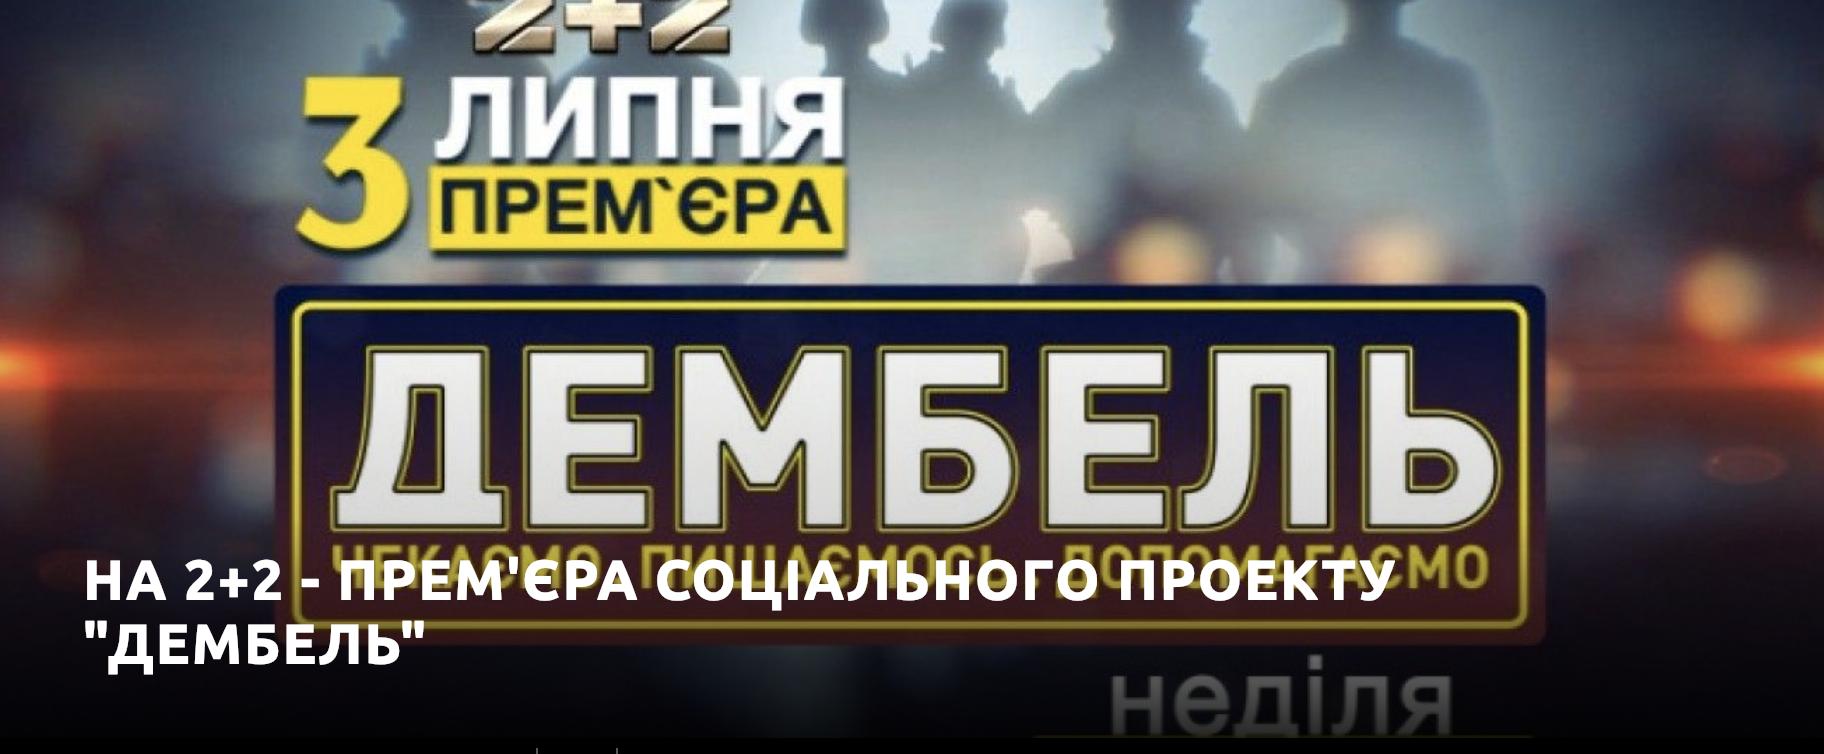 """На 2+2 прем'єра соціального проекту """"Дембель"""""""